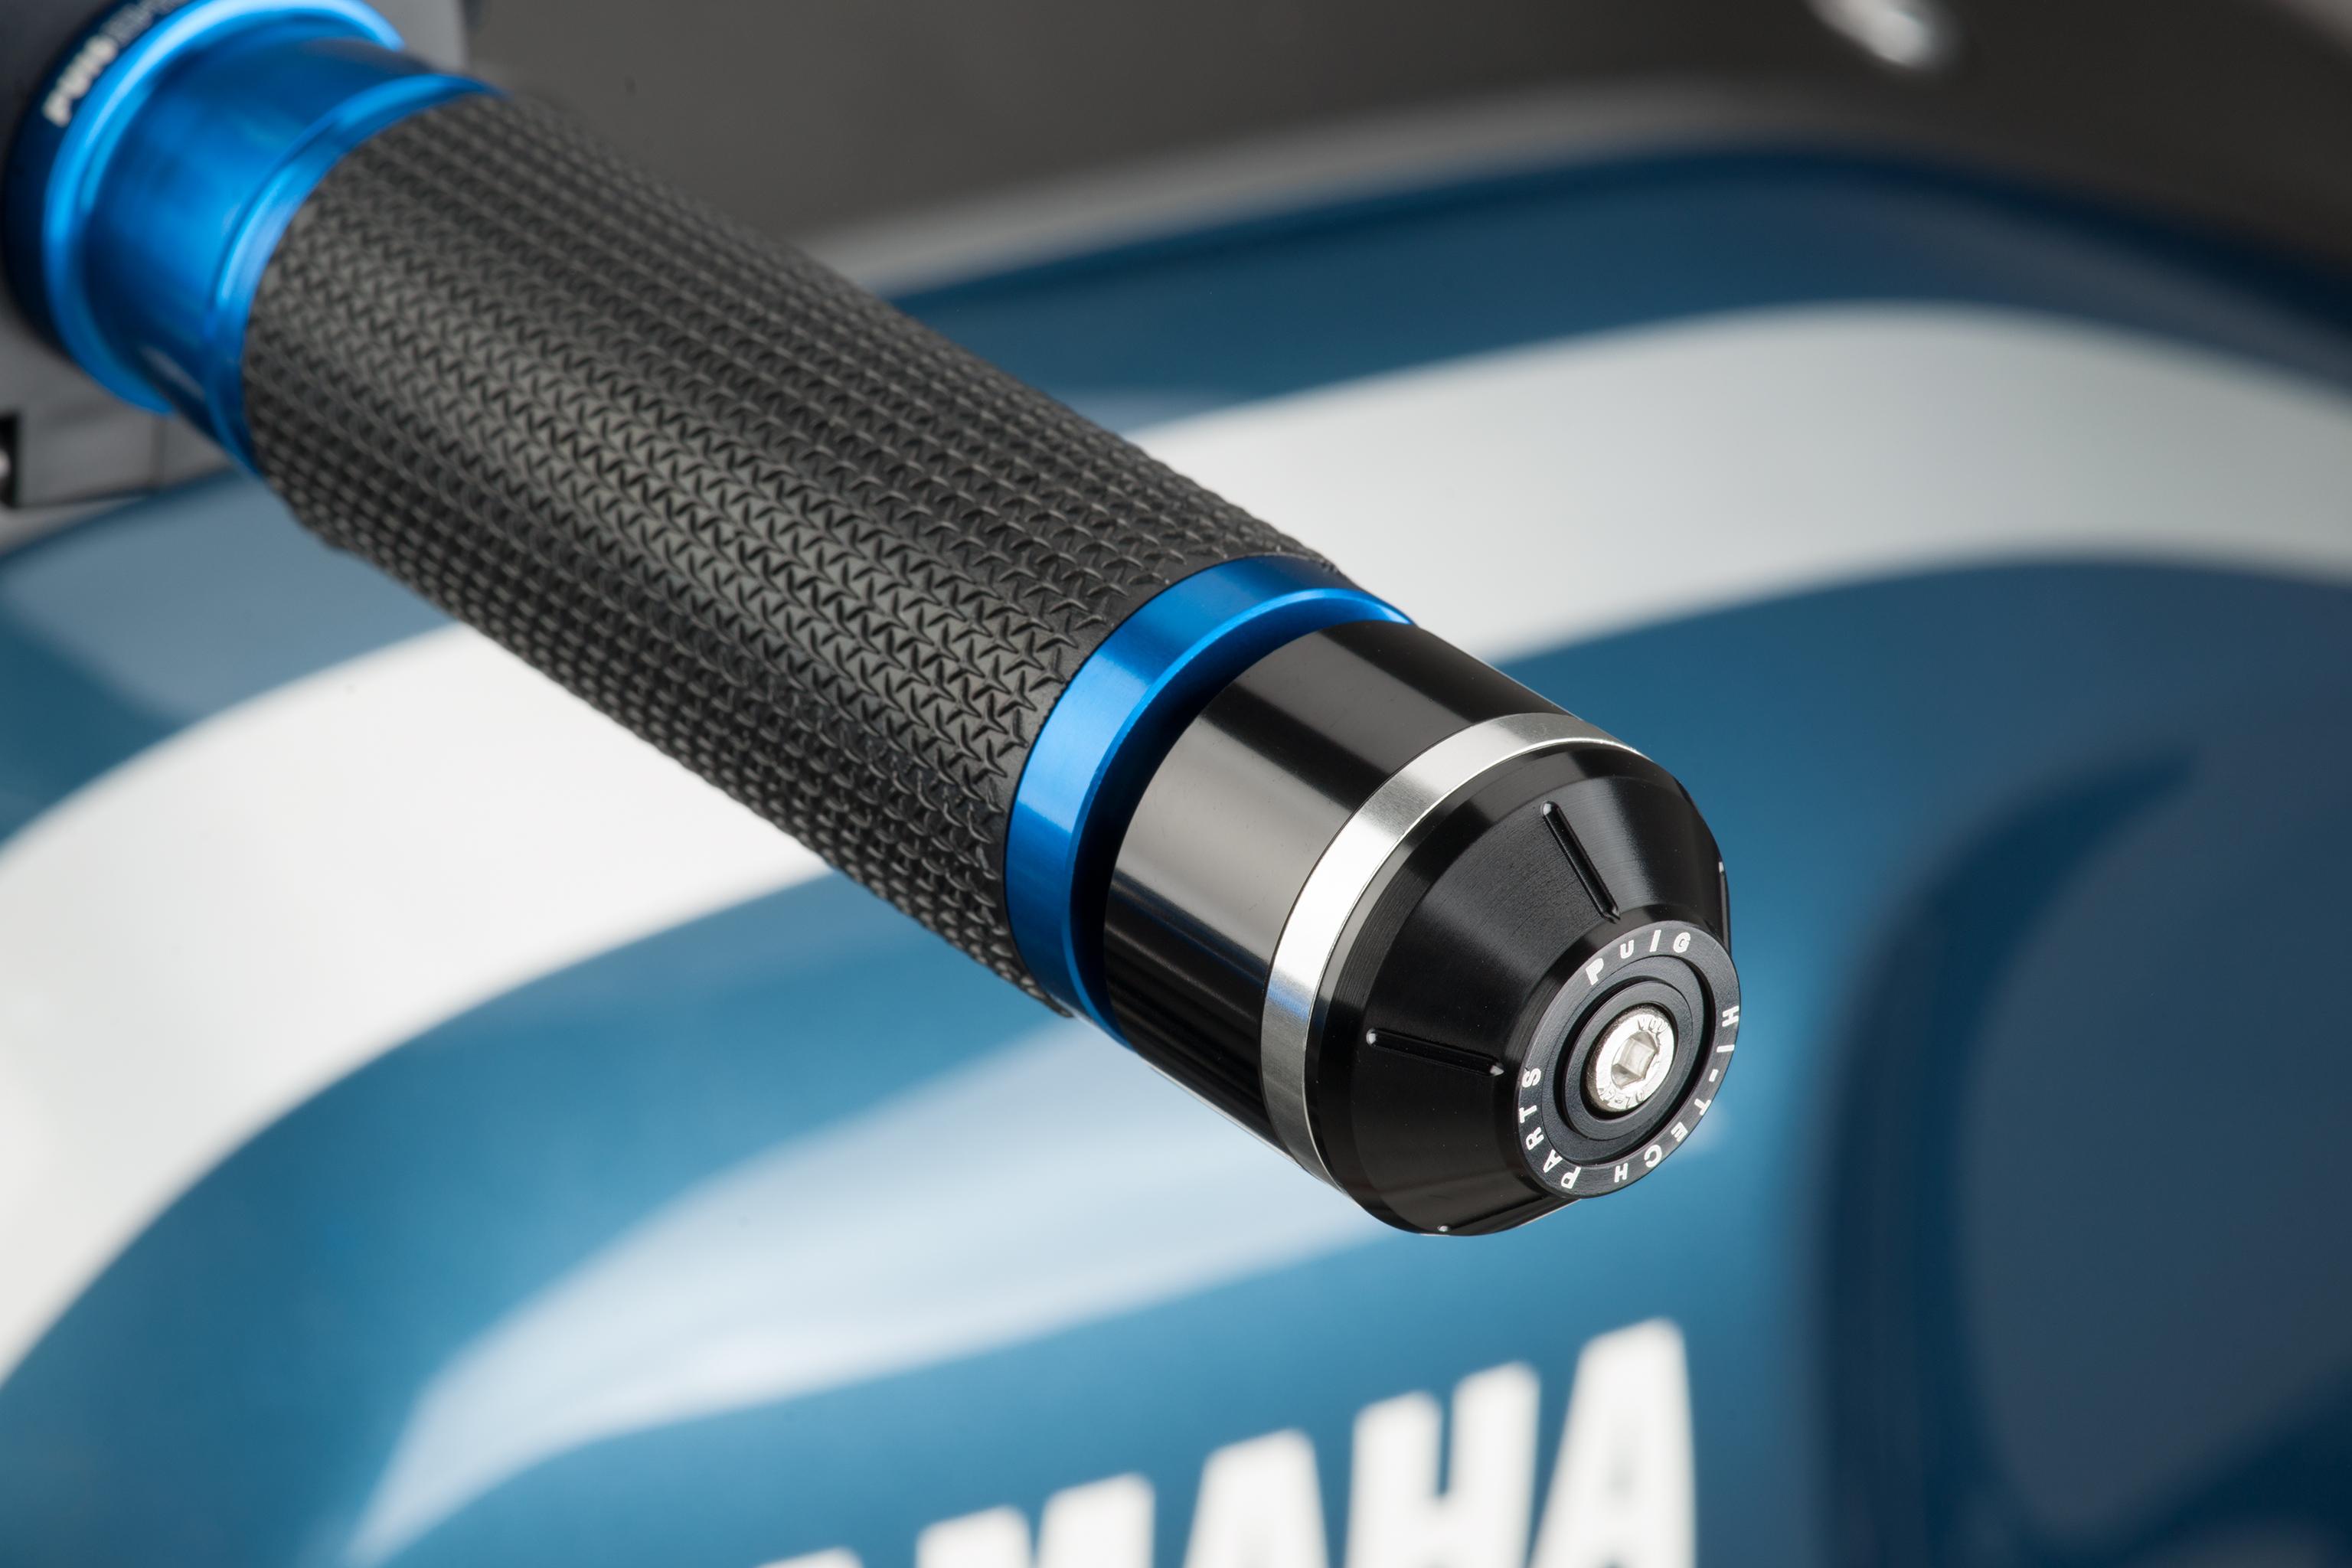 Contrapesos manillar modelo corto con aro Puig 8839 para HONDA Integra 750 16-17 / NC750 S/X 16-17